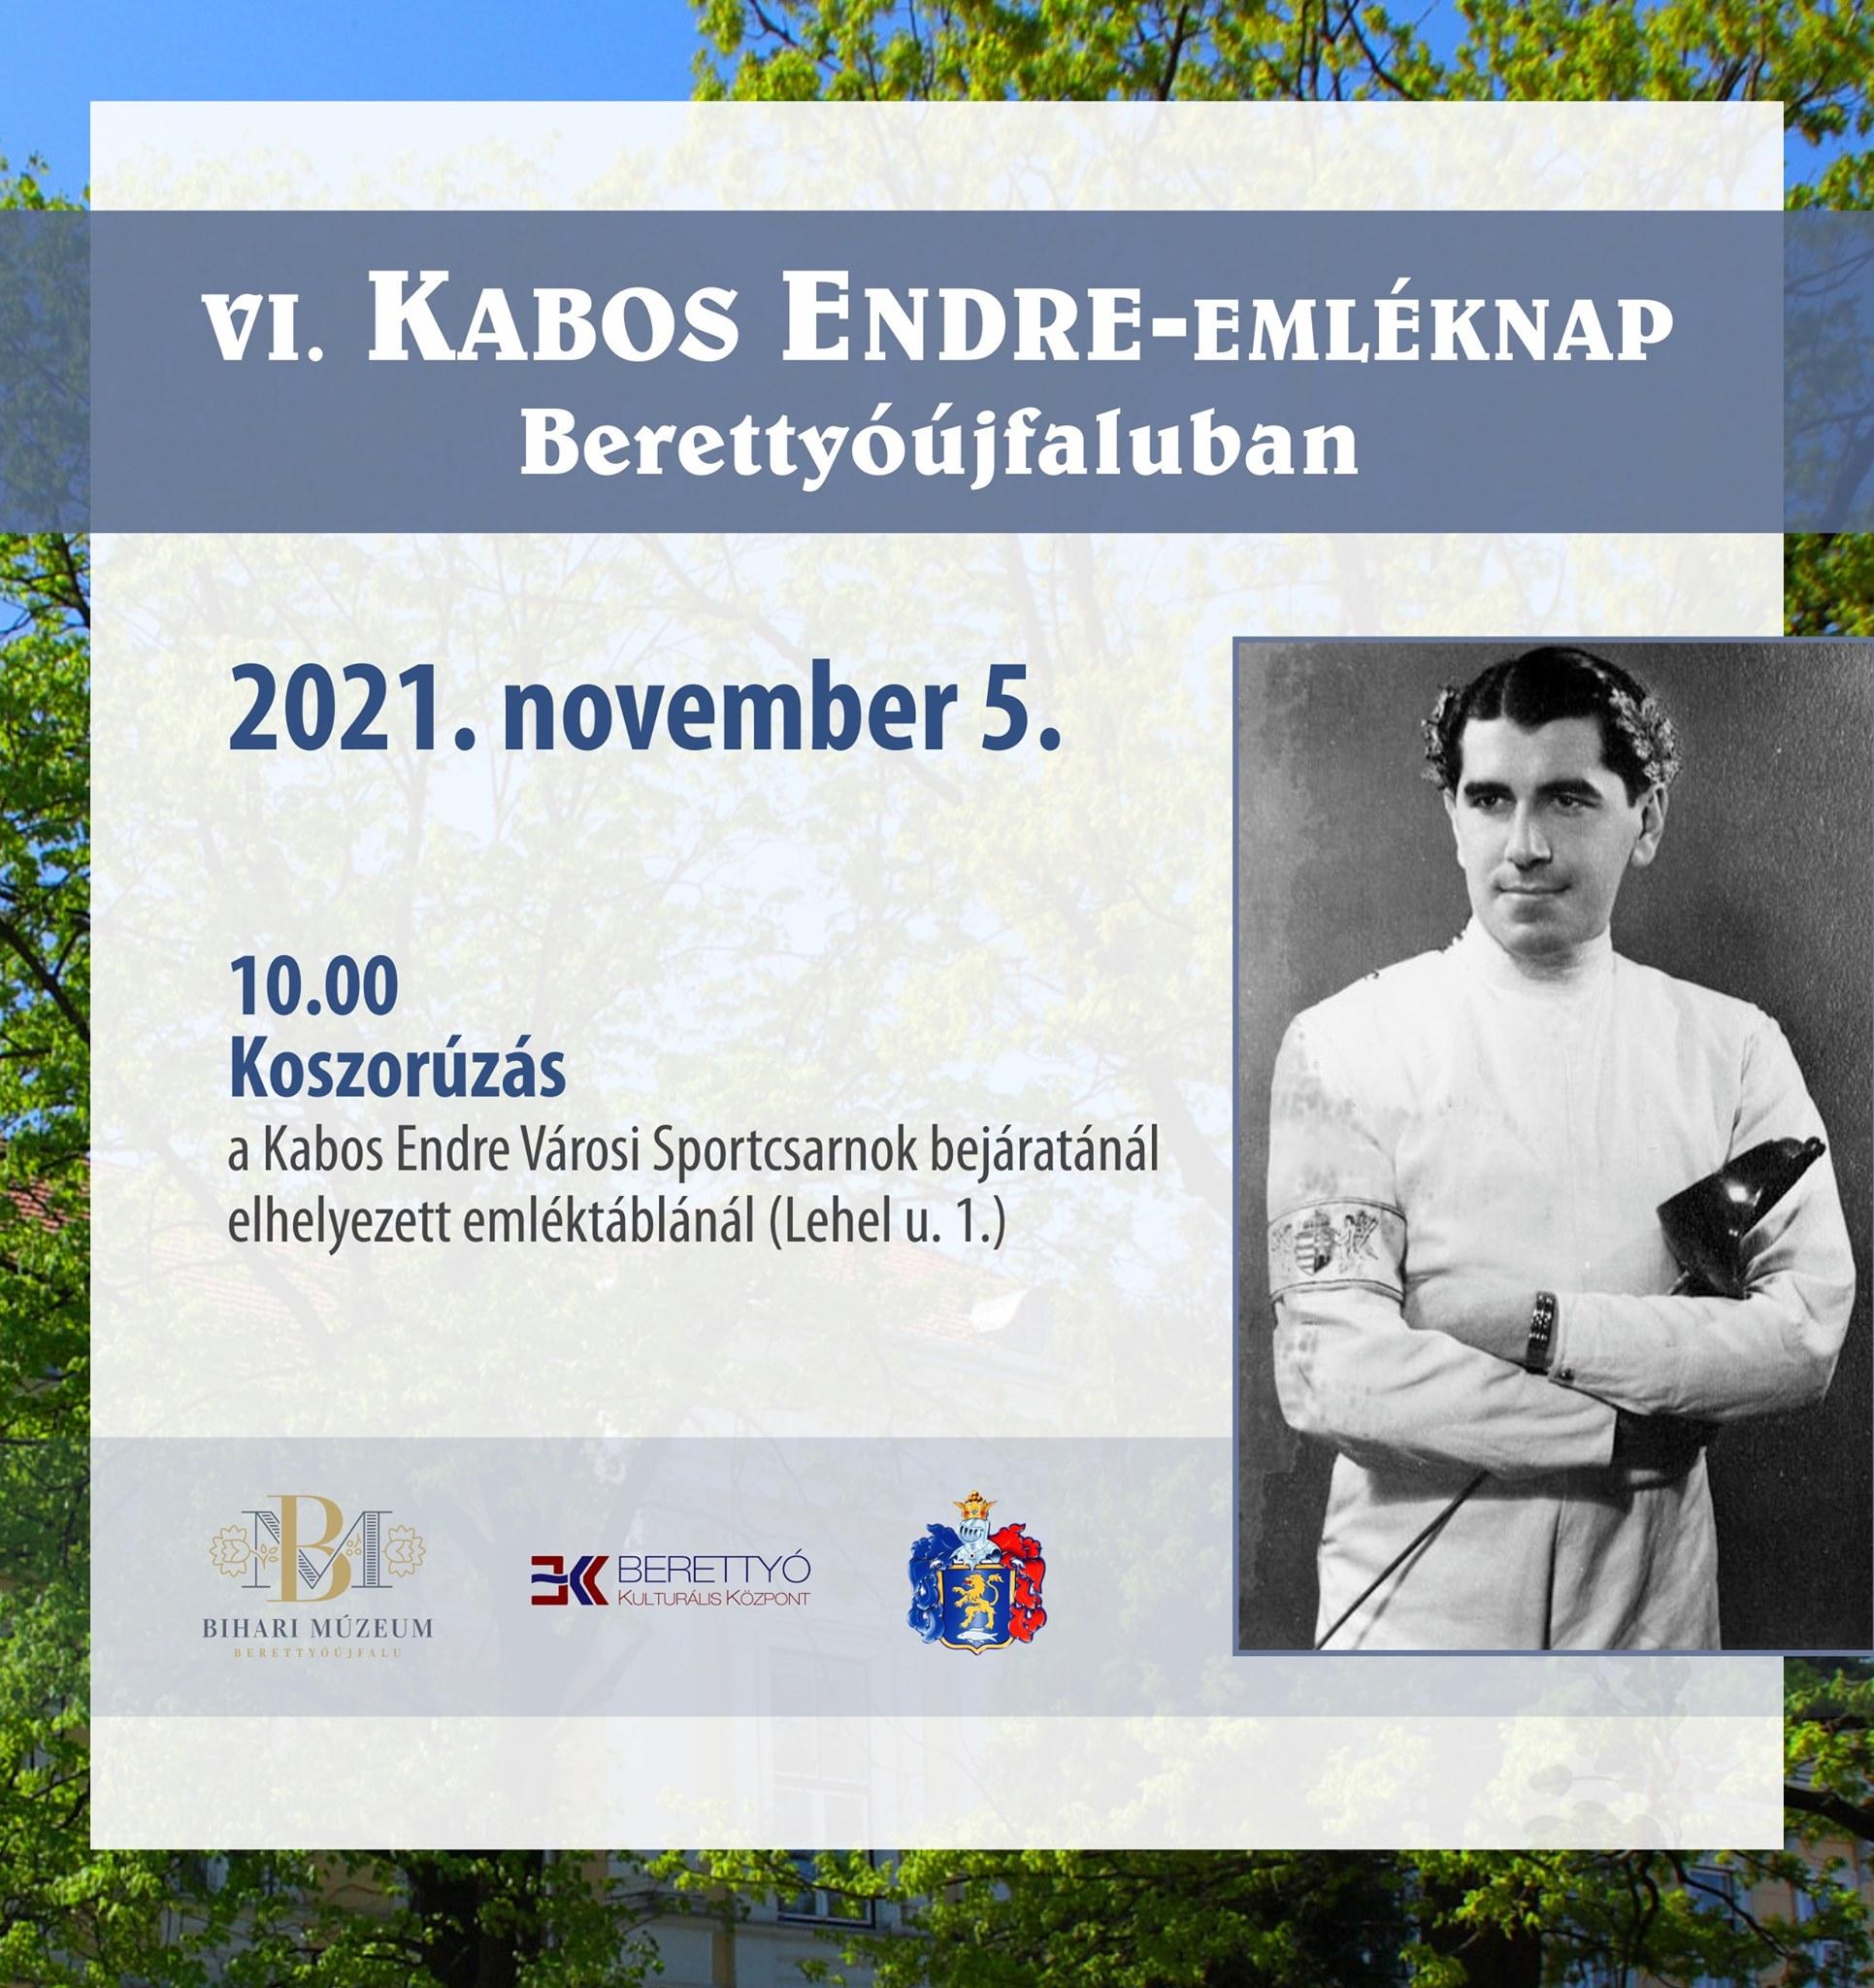 VI. Kabos Endre-emléknap Berettyóújfaluban